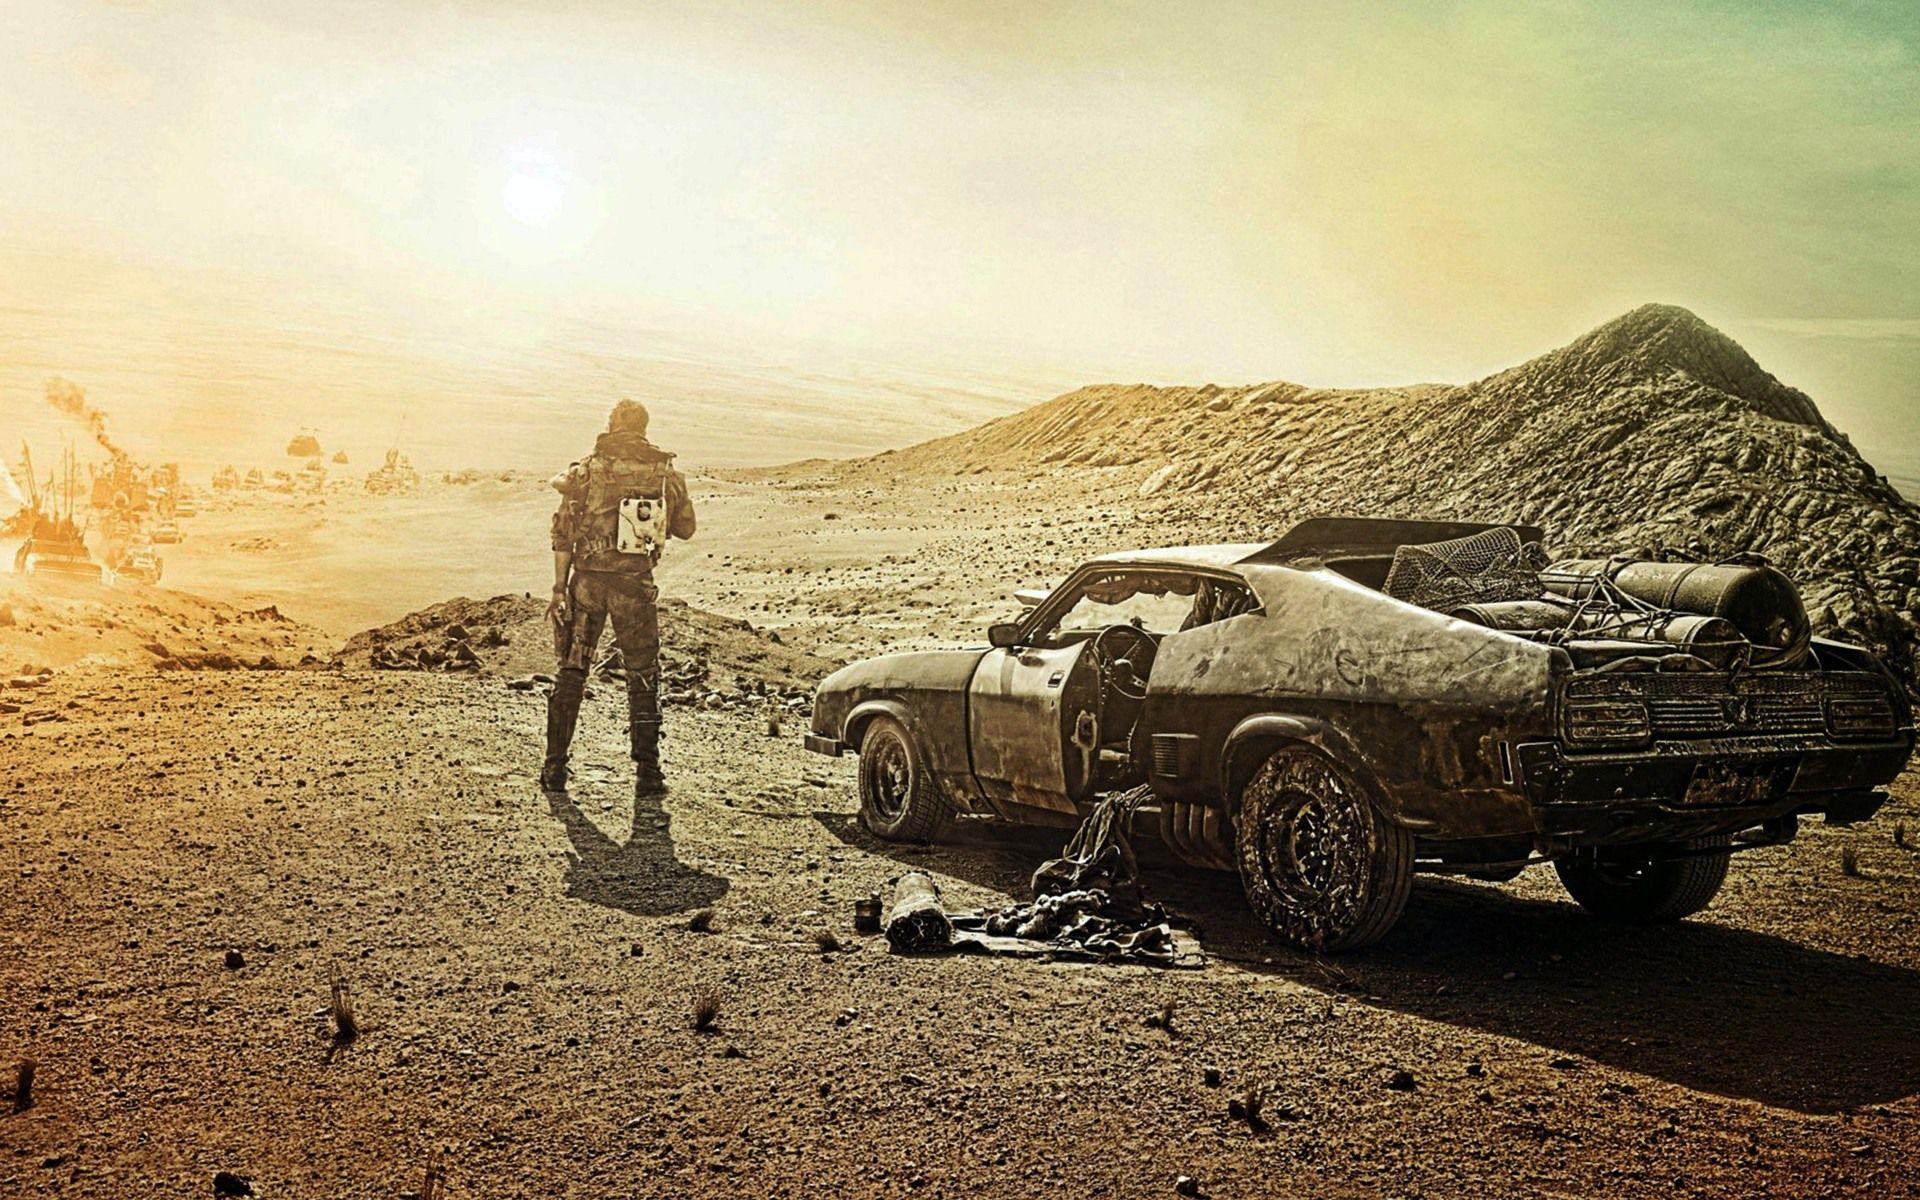 Безумный Макс Дорога ярости (Mad Max Fury Road) отзыв о фильме